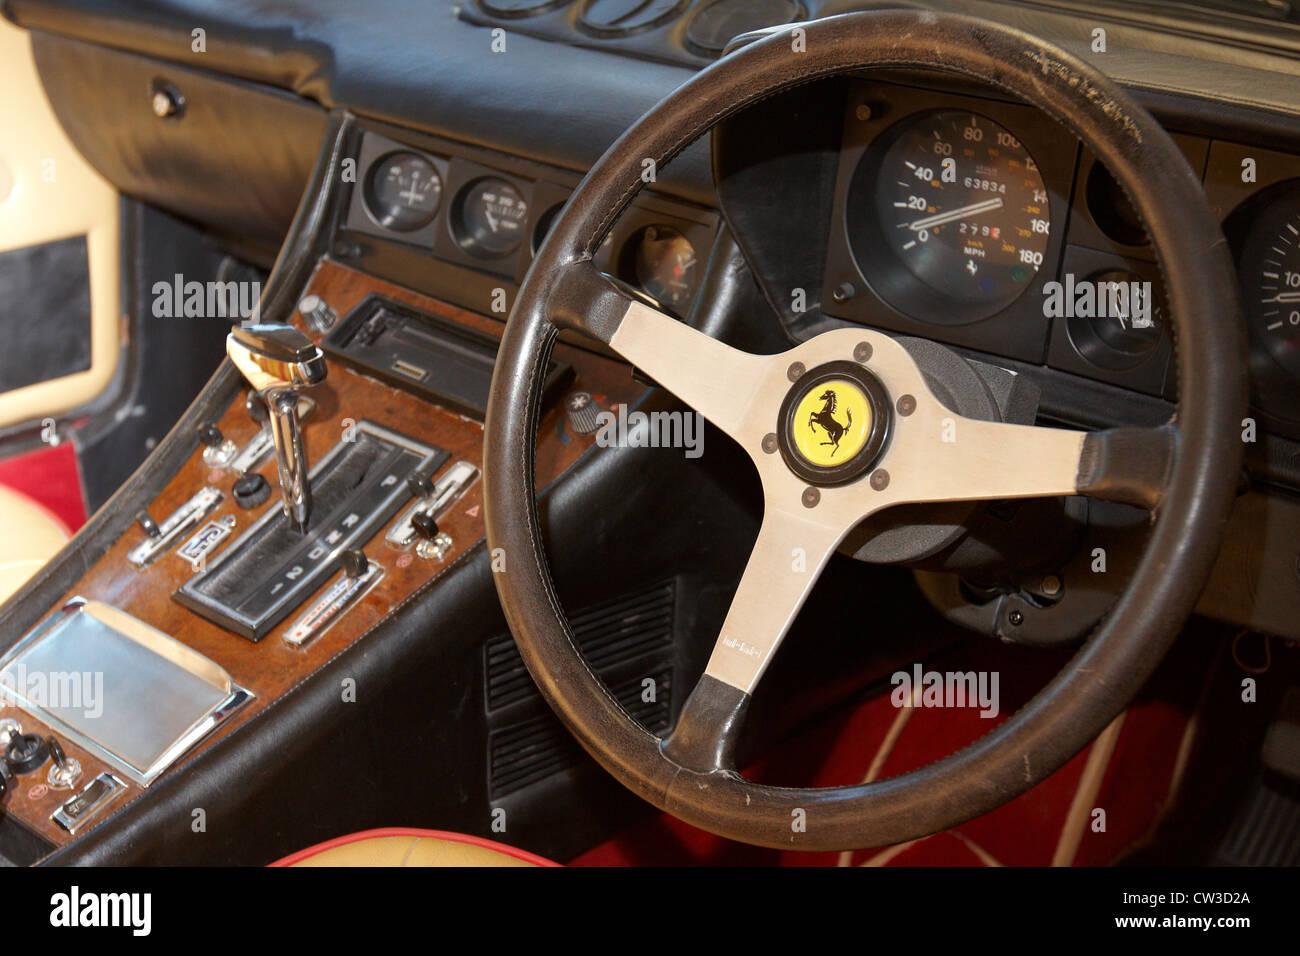 Eine 1978 Gehört Ferrari 400 Gt Coupe Eines Nur 164 Gebaut Eine Oldtimer Auktion Bei Bonhams Oxford Stockfotografie Alamy